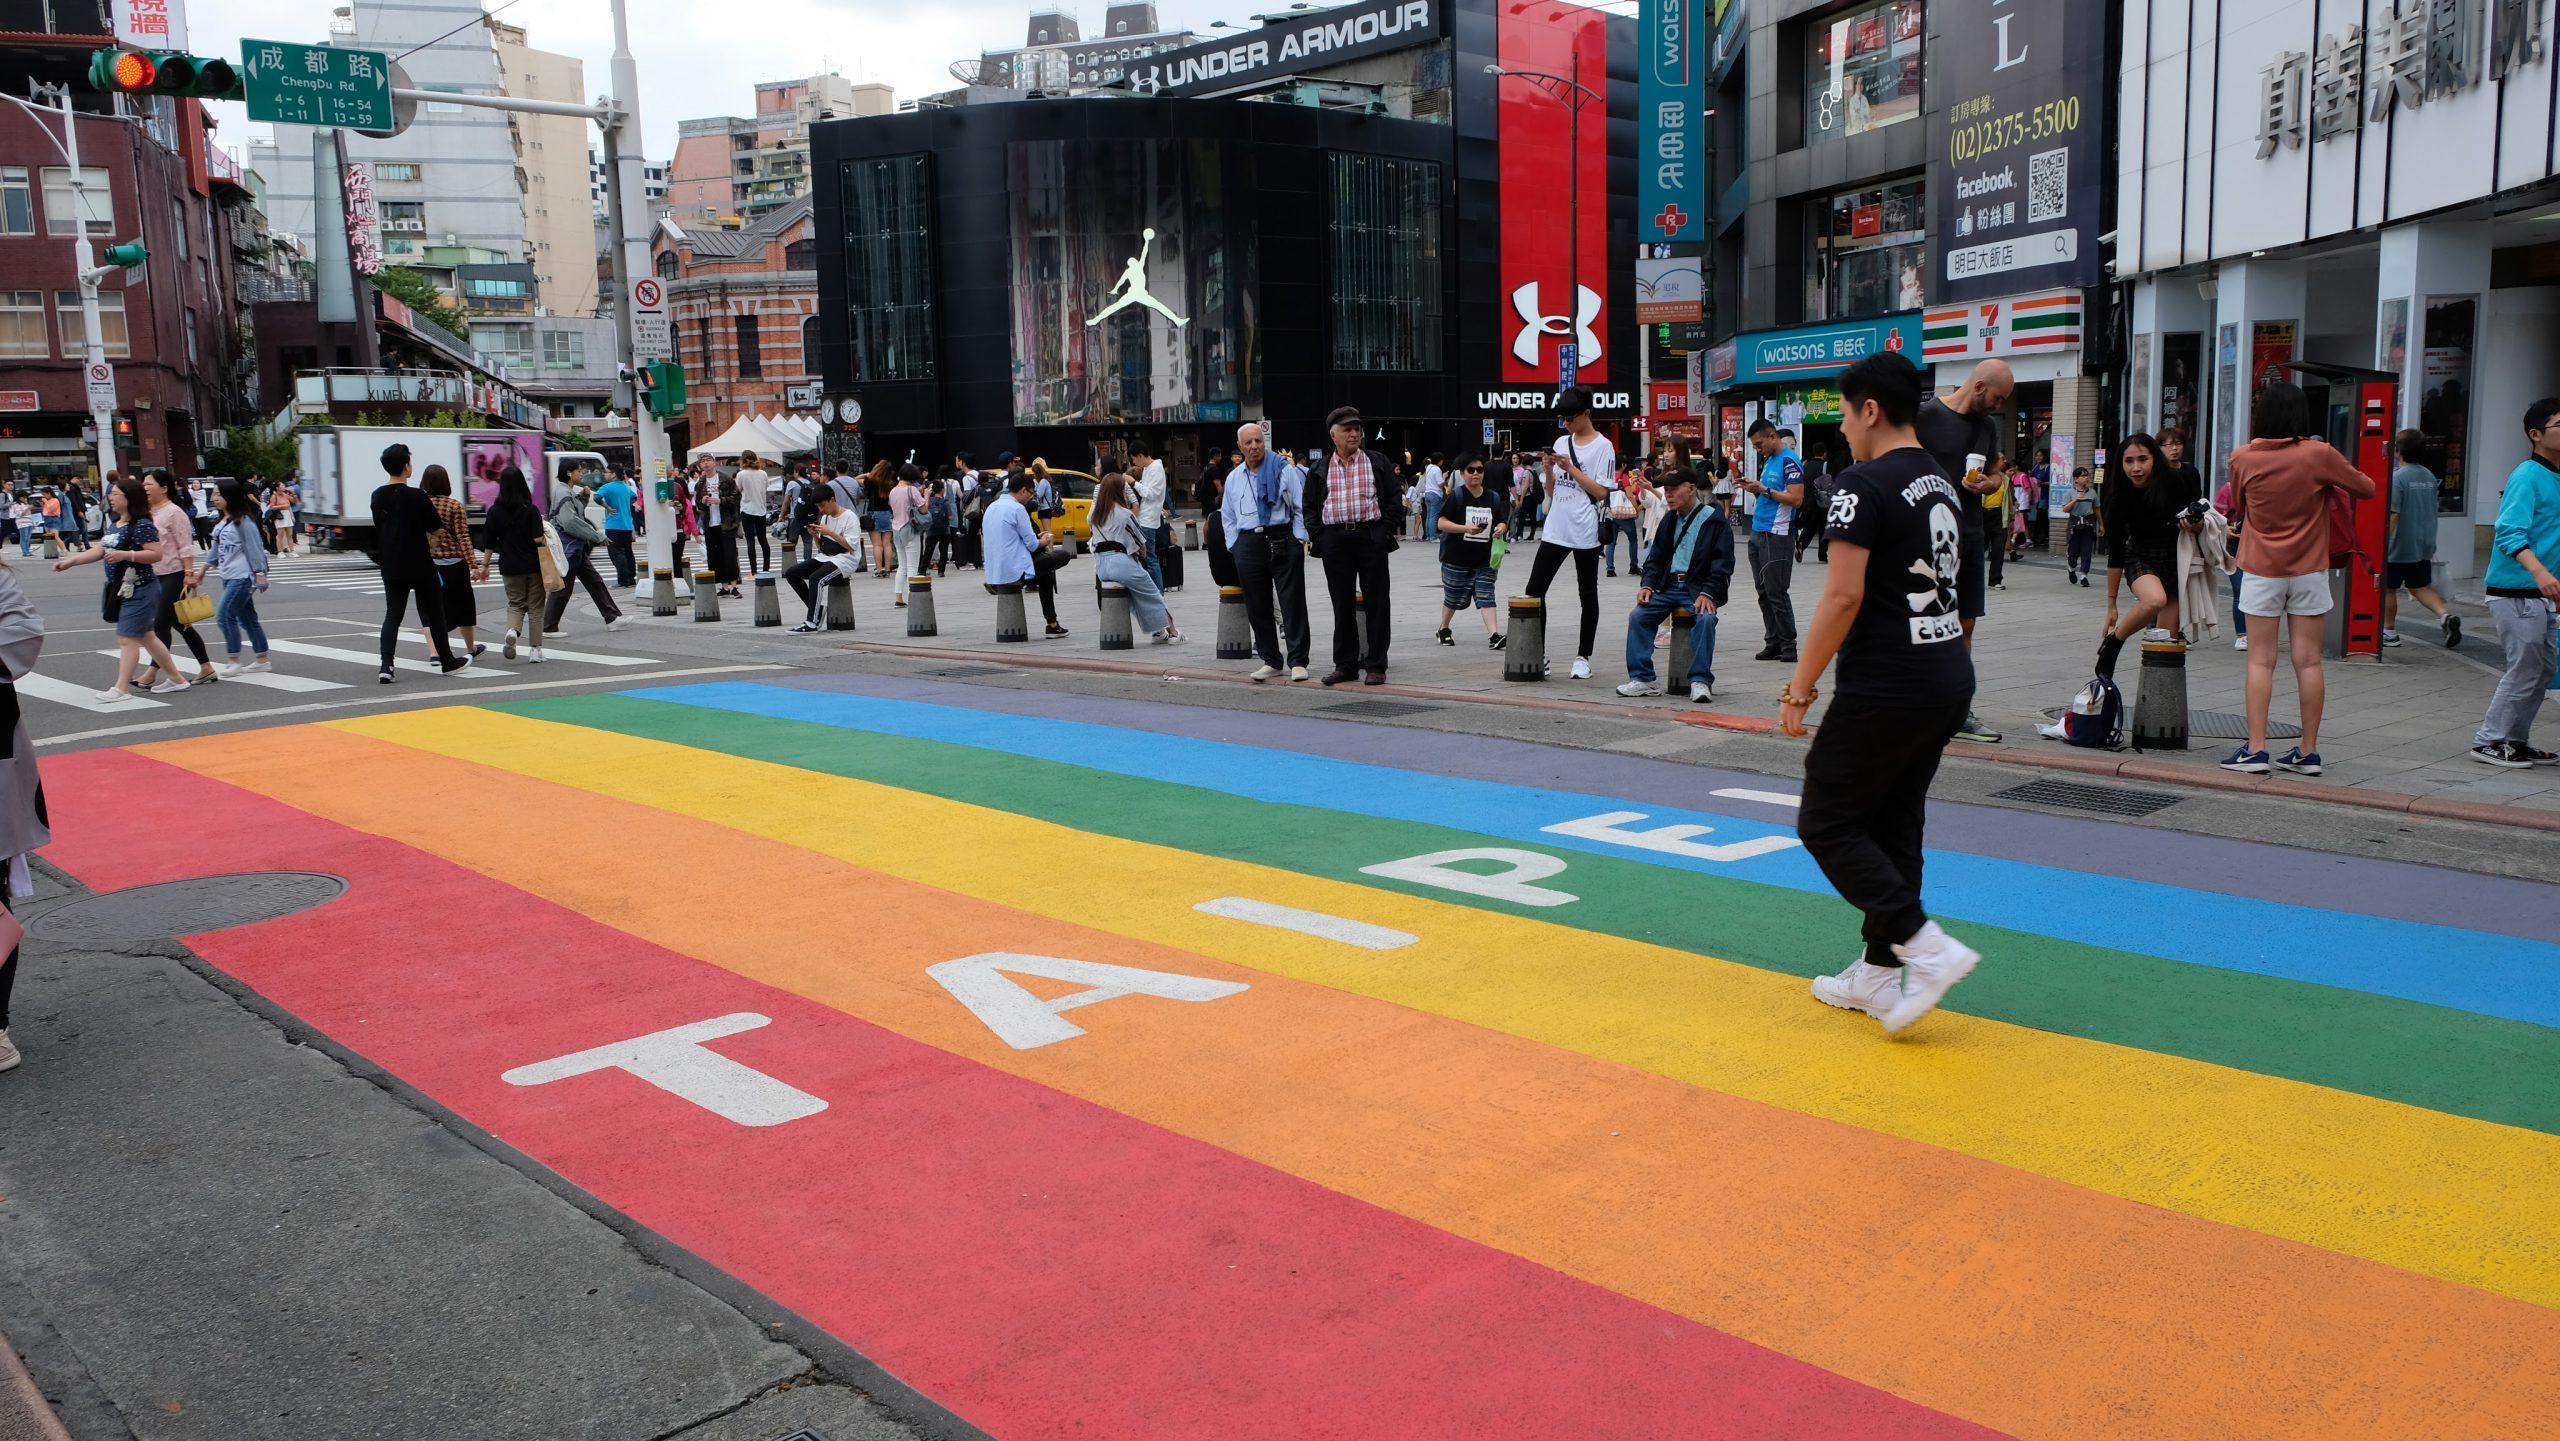 [台北] 西門町彩虹地景:象徵台北進步接納的心,多元性別友善環境